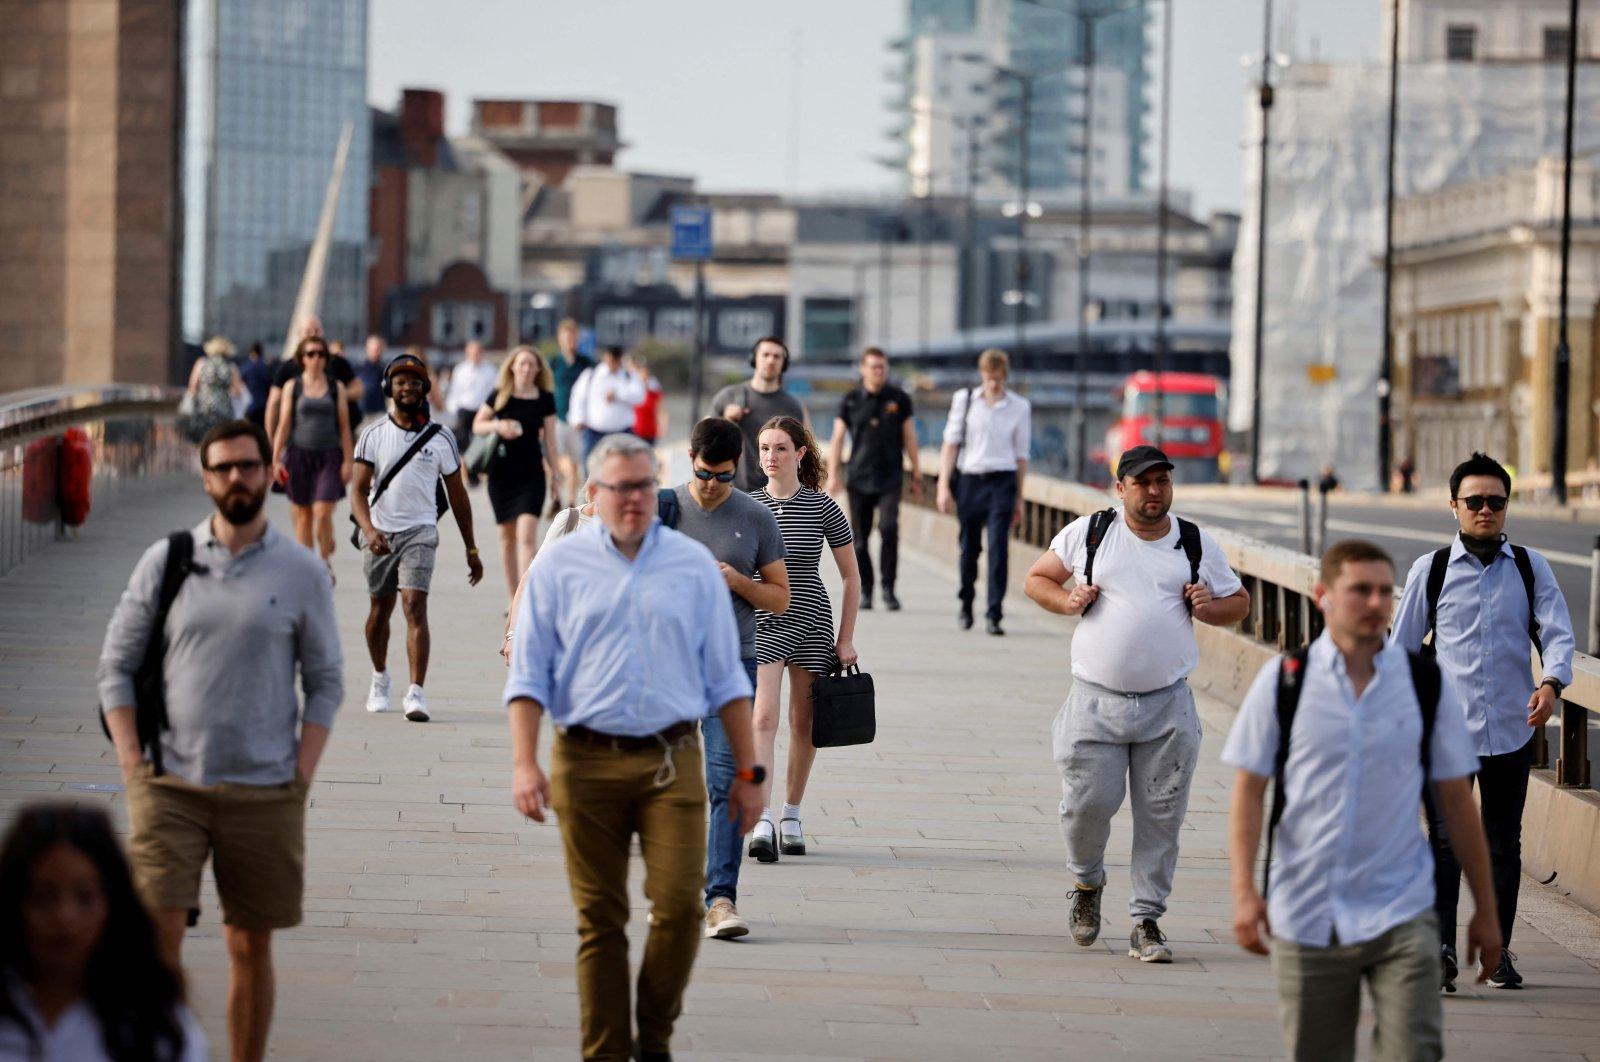 Commuters not wearing facemasks cross London Bridge in London, U.K., July 19, 2021. (AFP Photo)